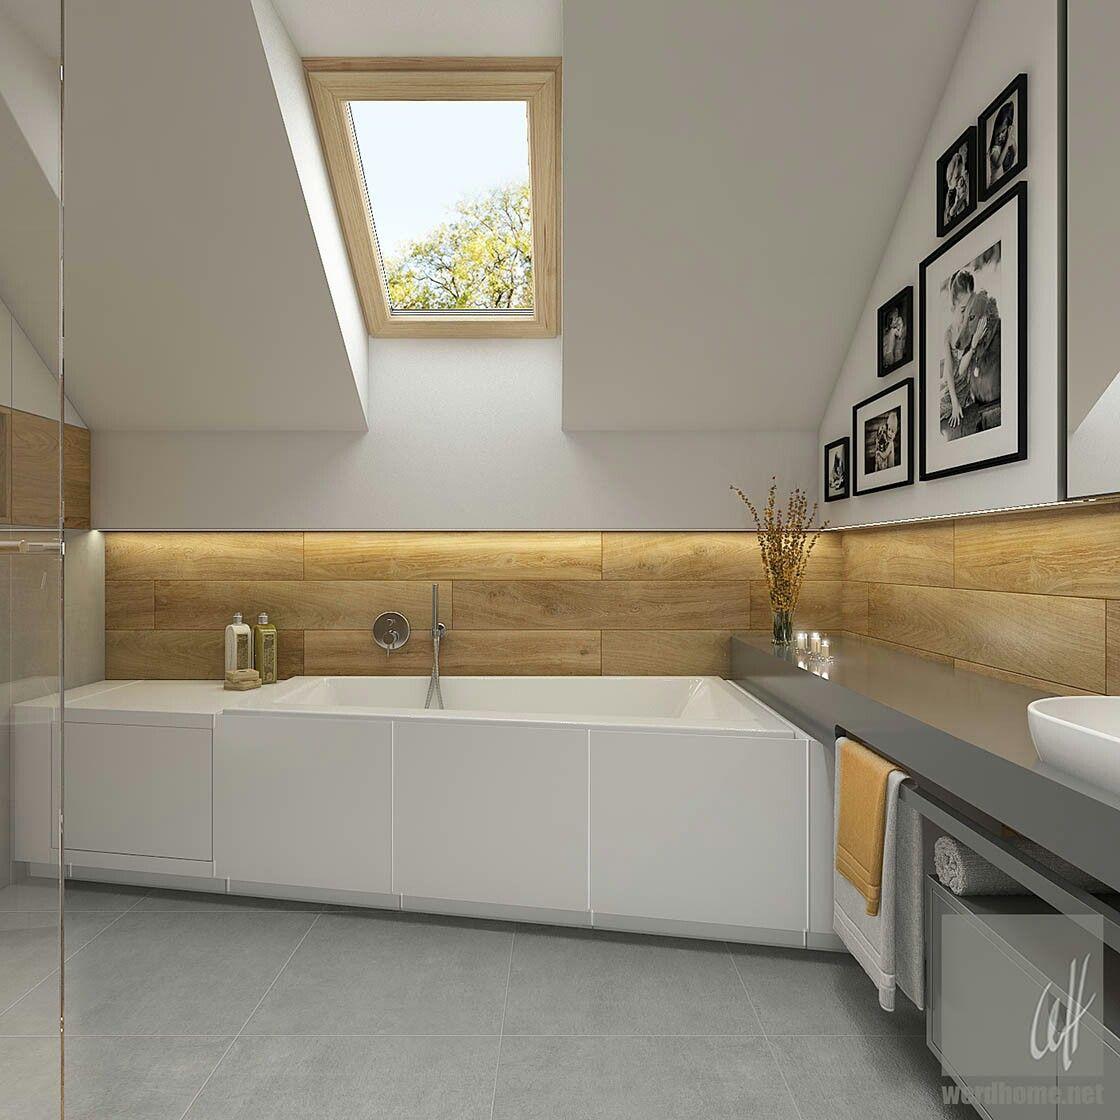 Dachboden über küchenideen beton holz weiß bilder  ideje  pinterest  interiors bath and house